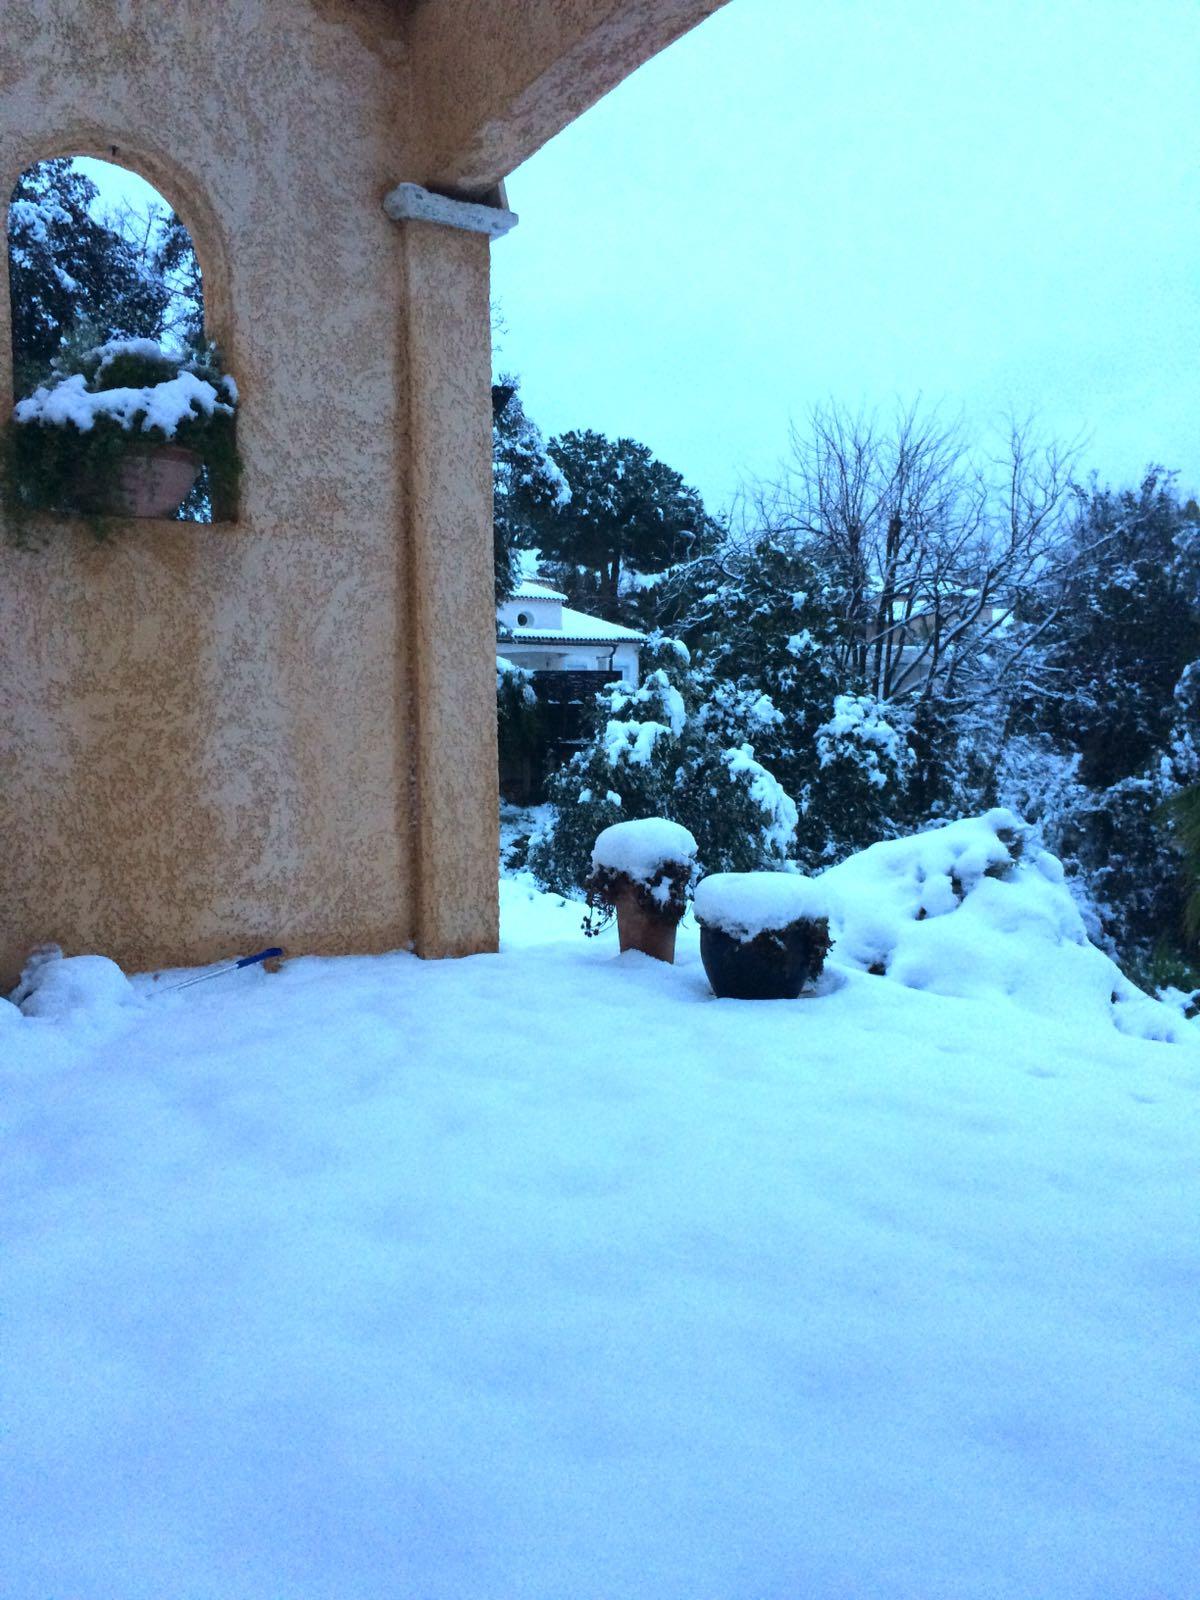 Winter in Valbonne - Snow in Valbonne